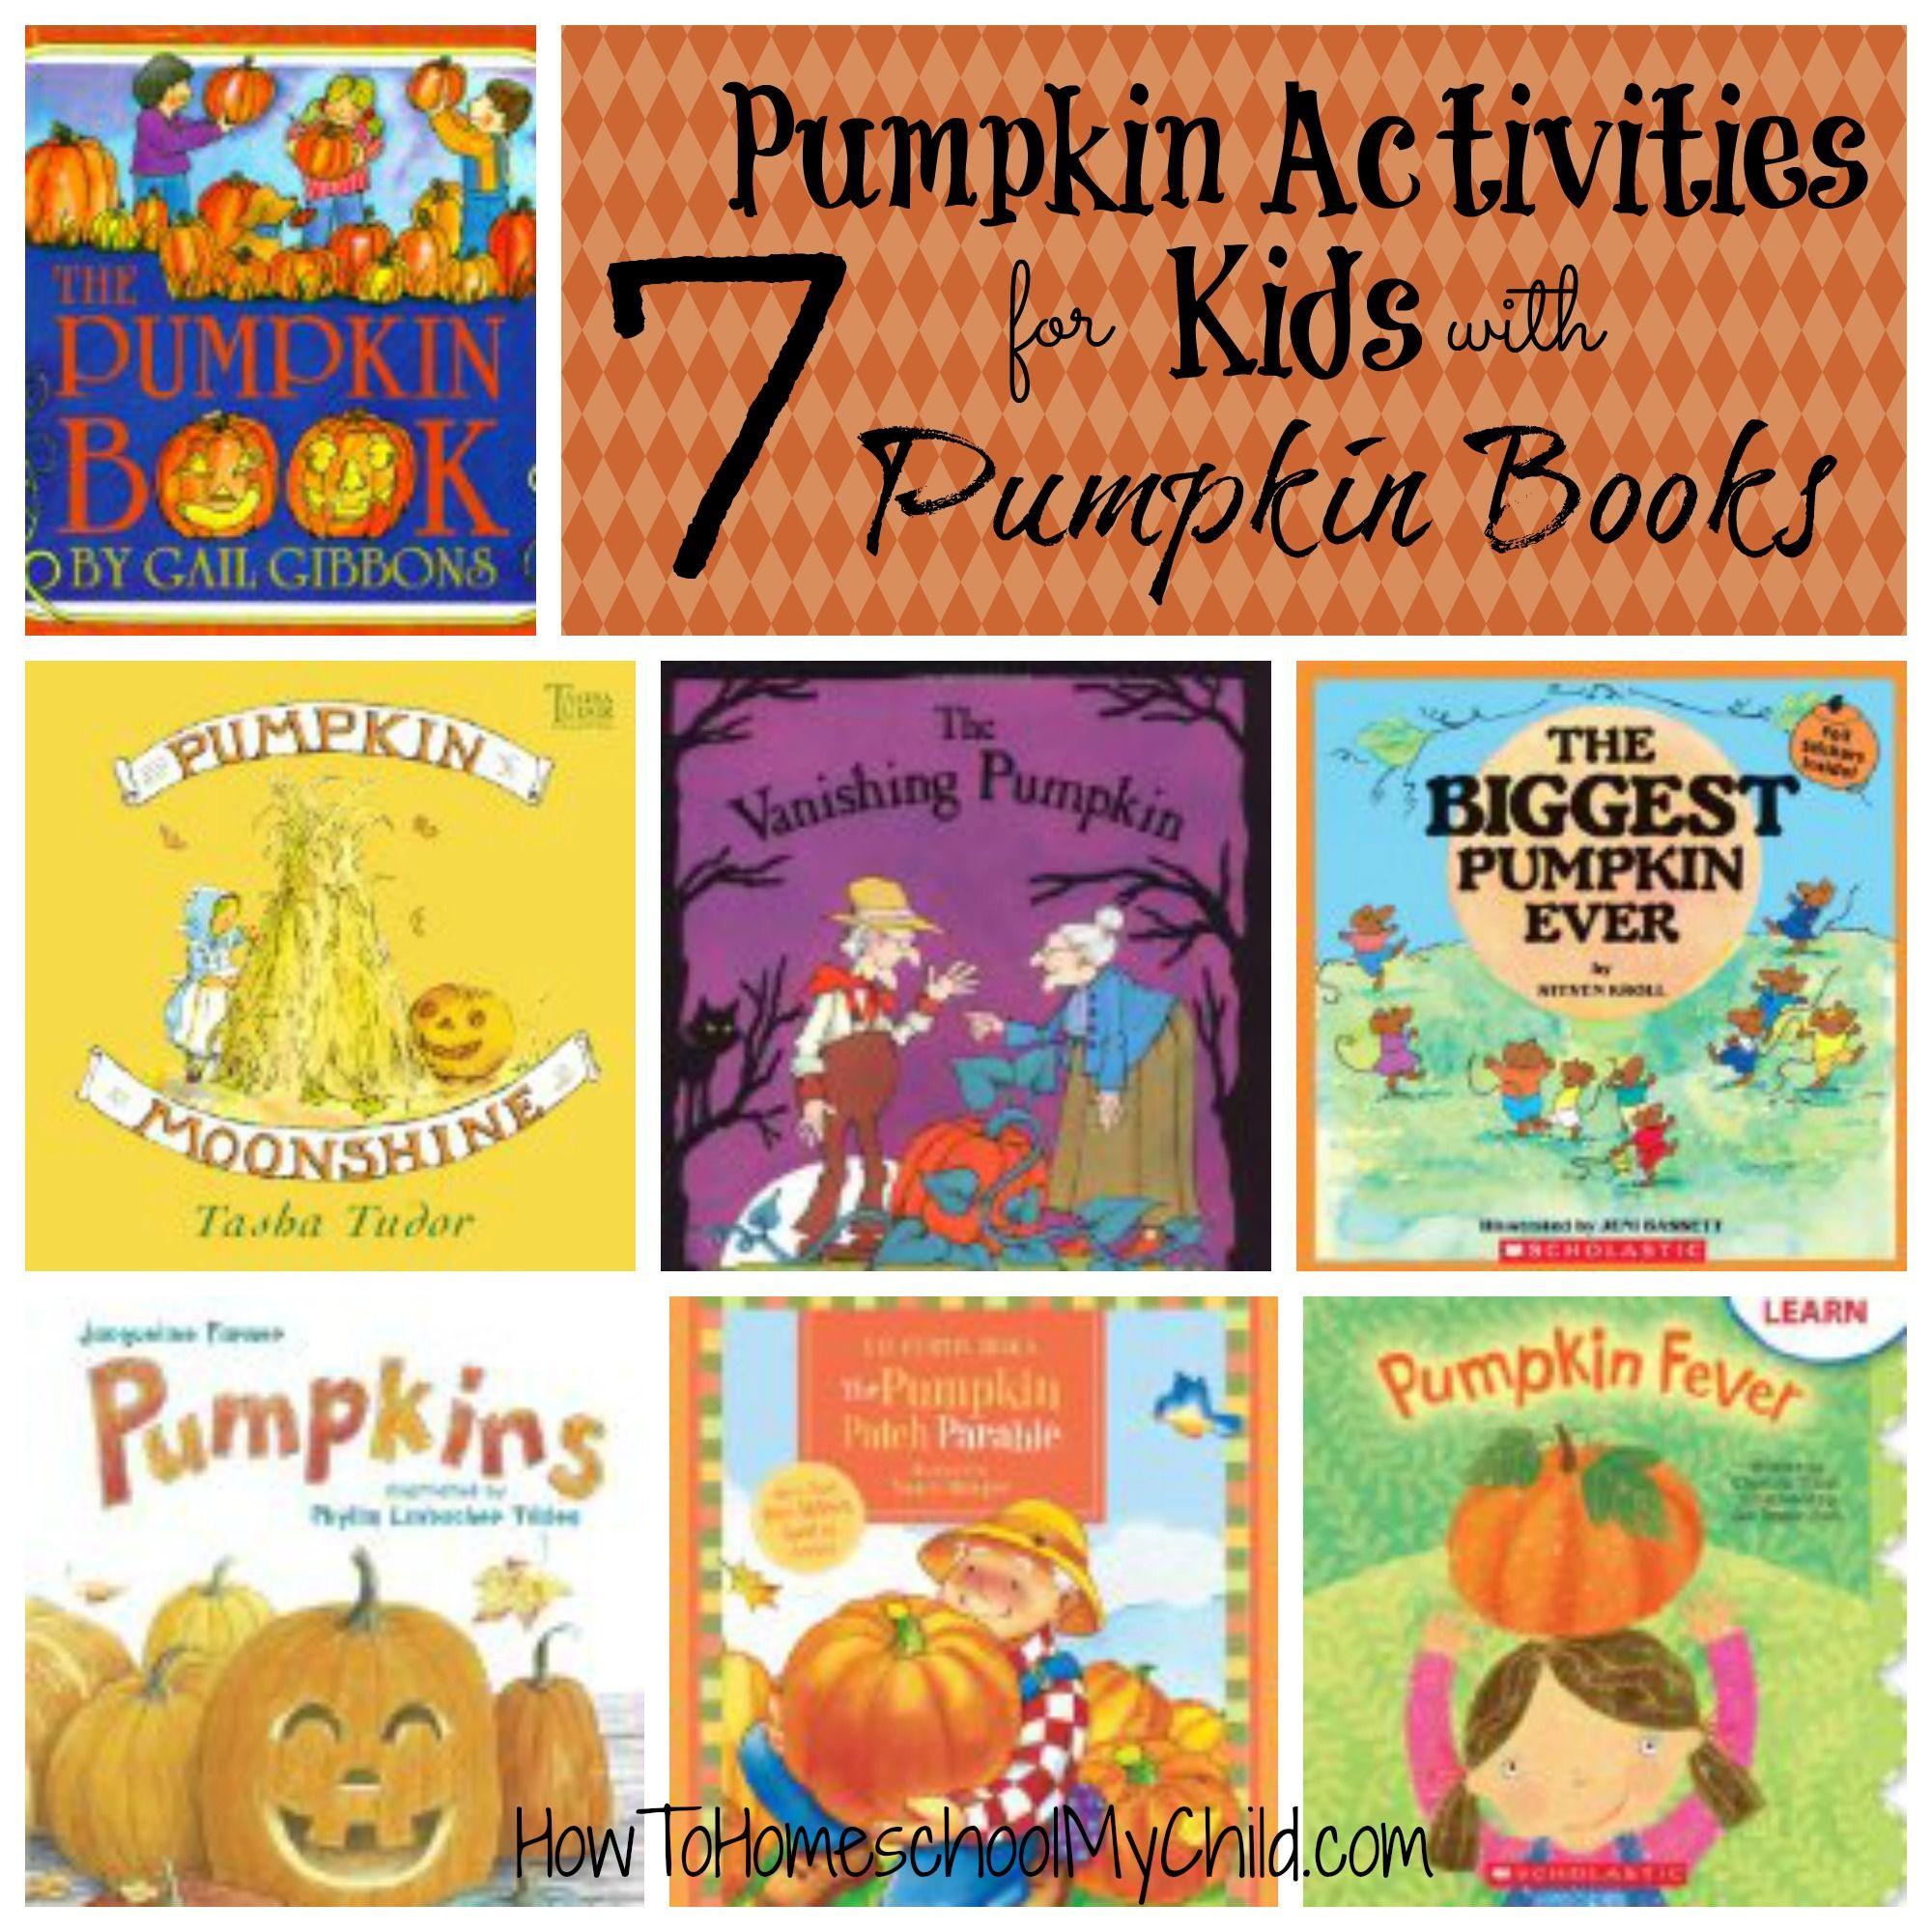 Pumpkin Activities For Kids With 7 Pumpkin Books